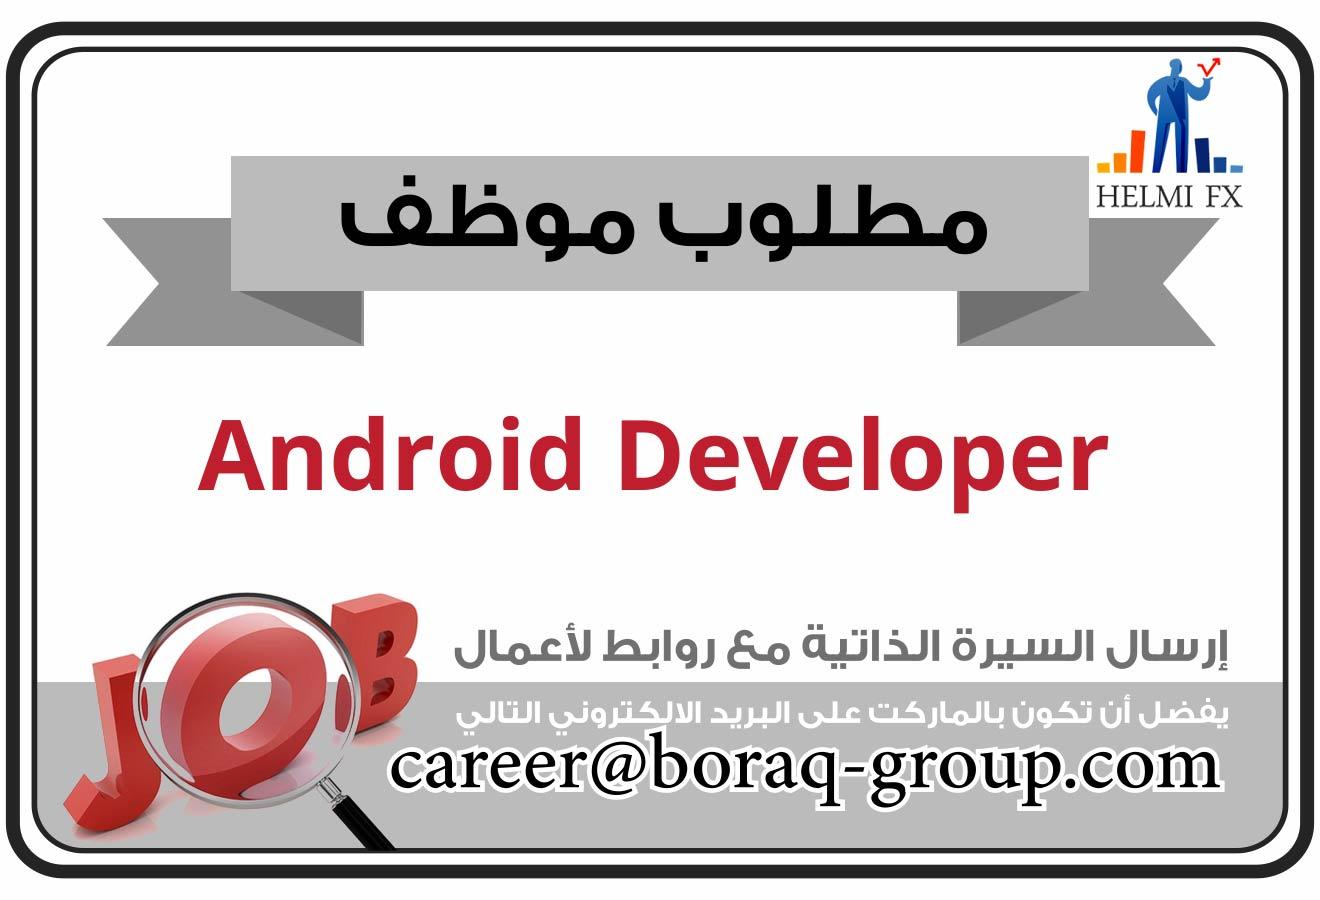 مطلوب مطور تطبيقات اندرويد لشركة في اسطنبول